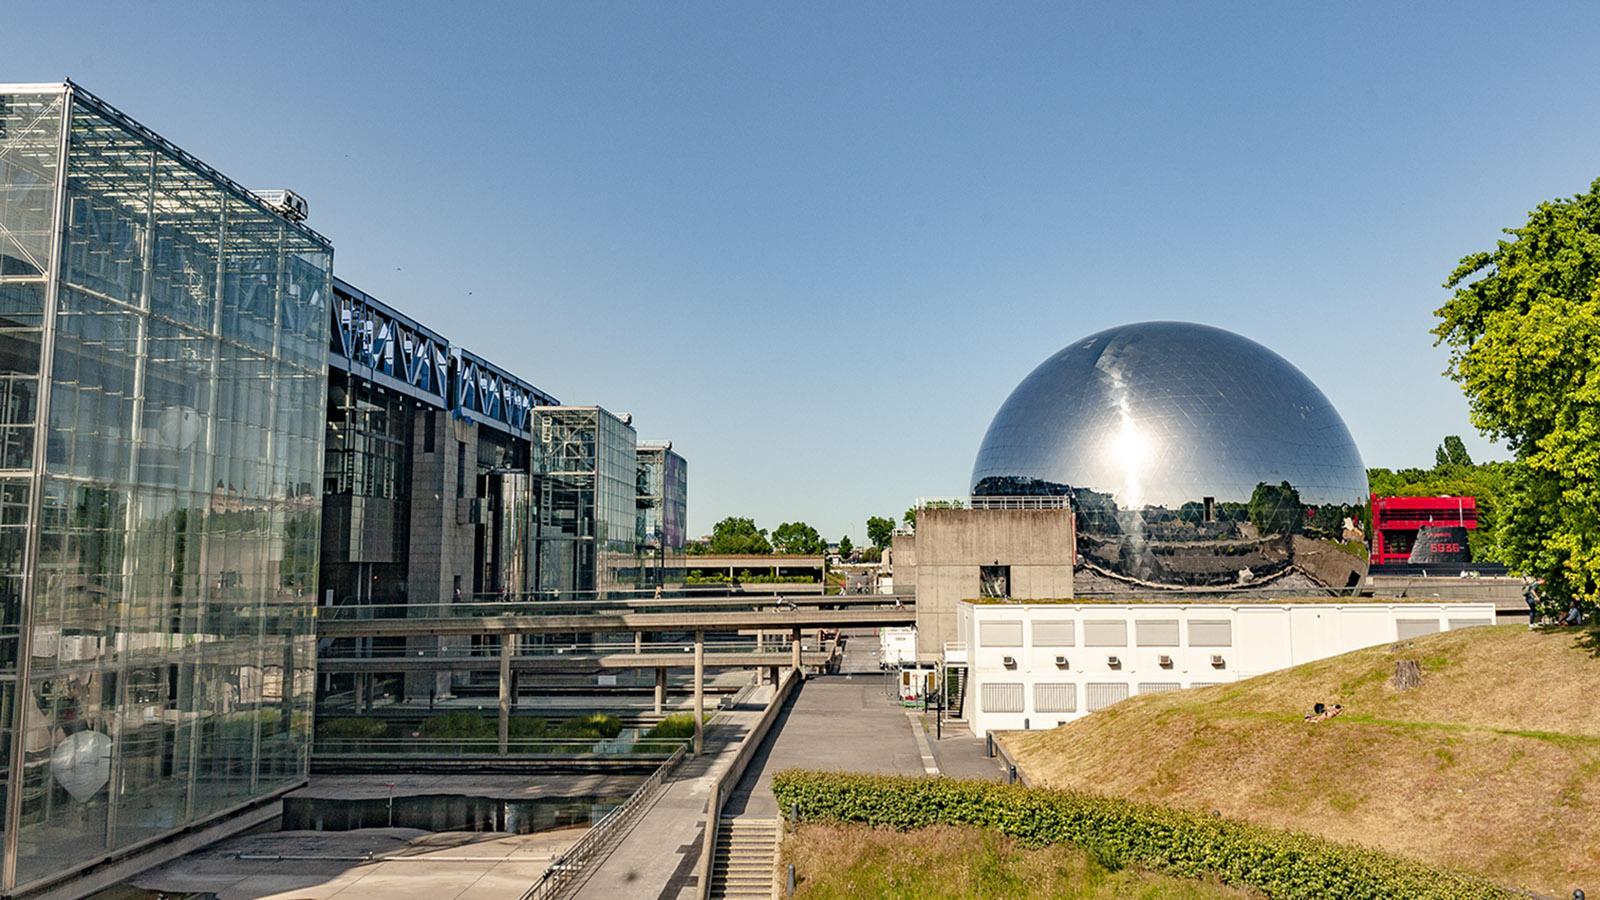 Cité des Sciences: La Géode. Foto: Hilke Maunder